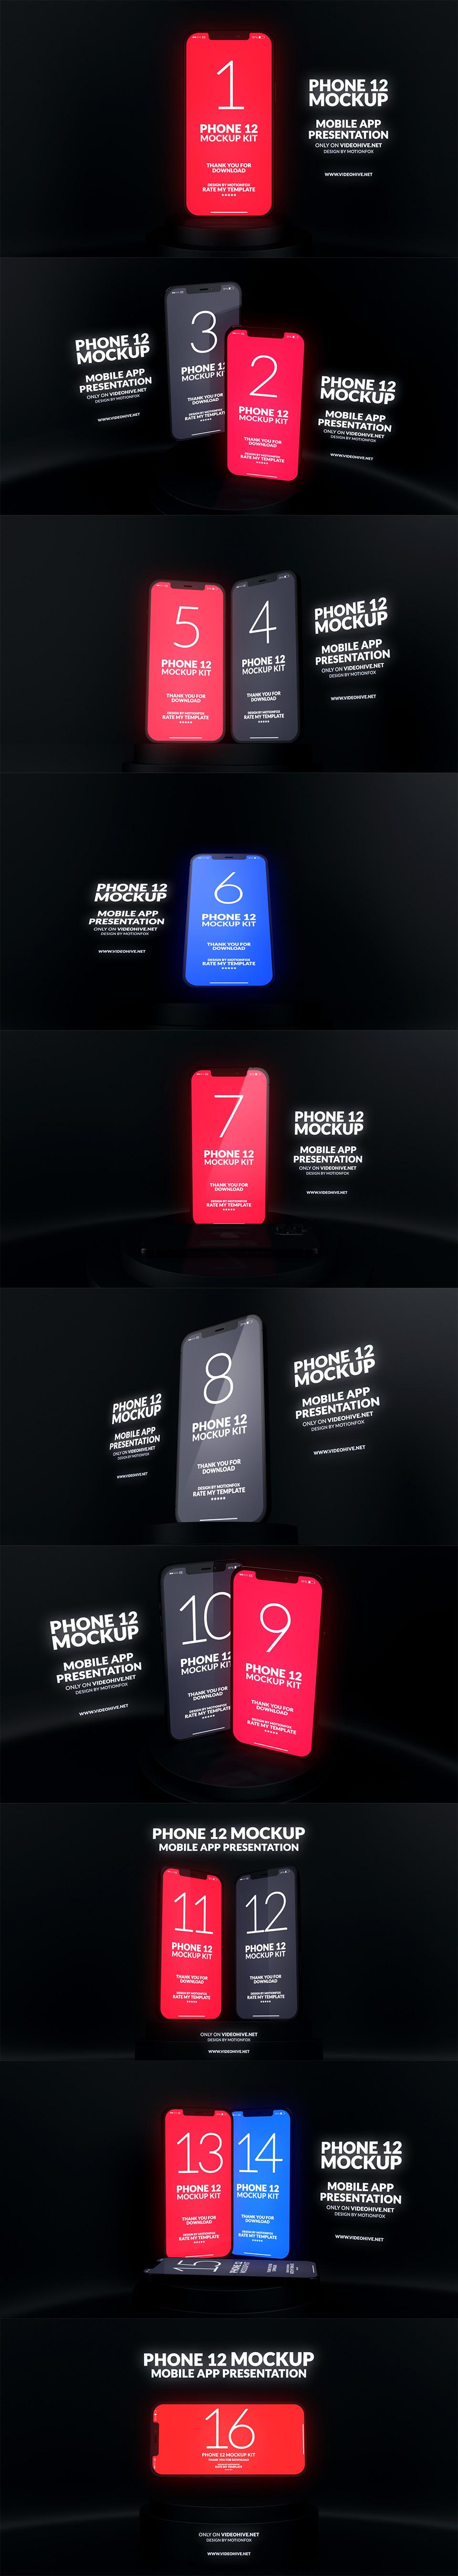 Phone-App-Promo-Menu